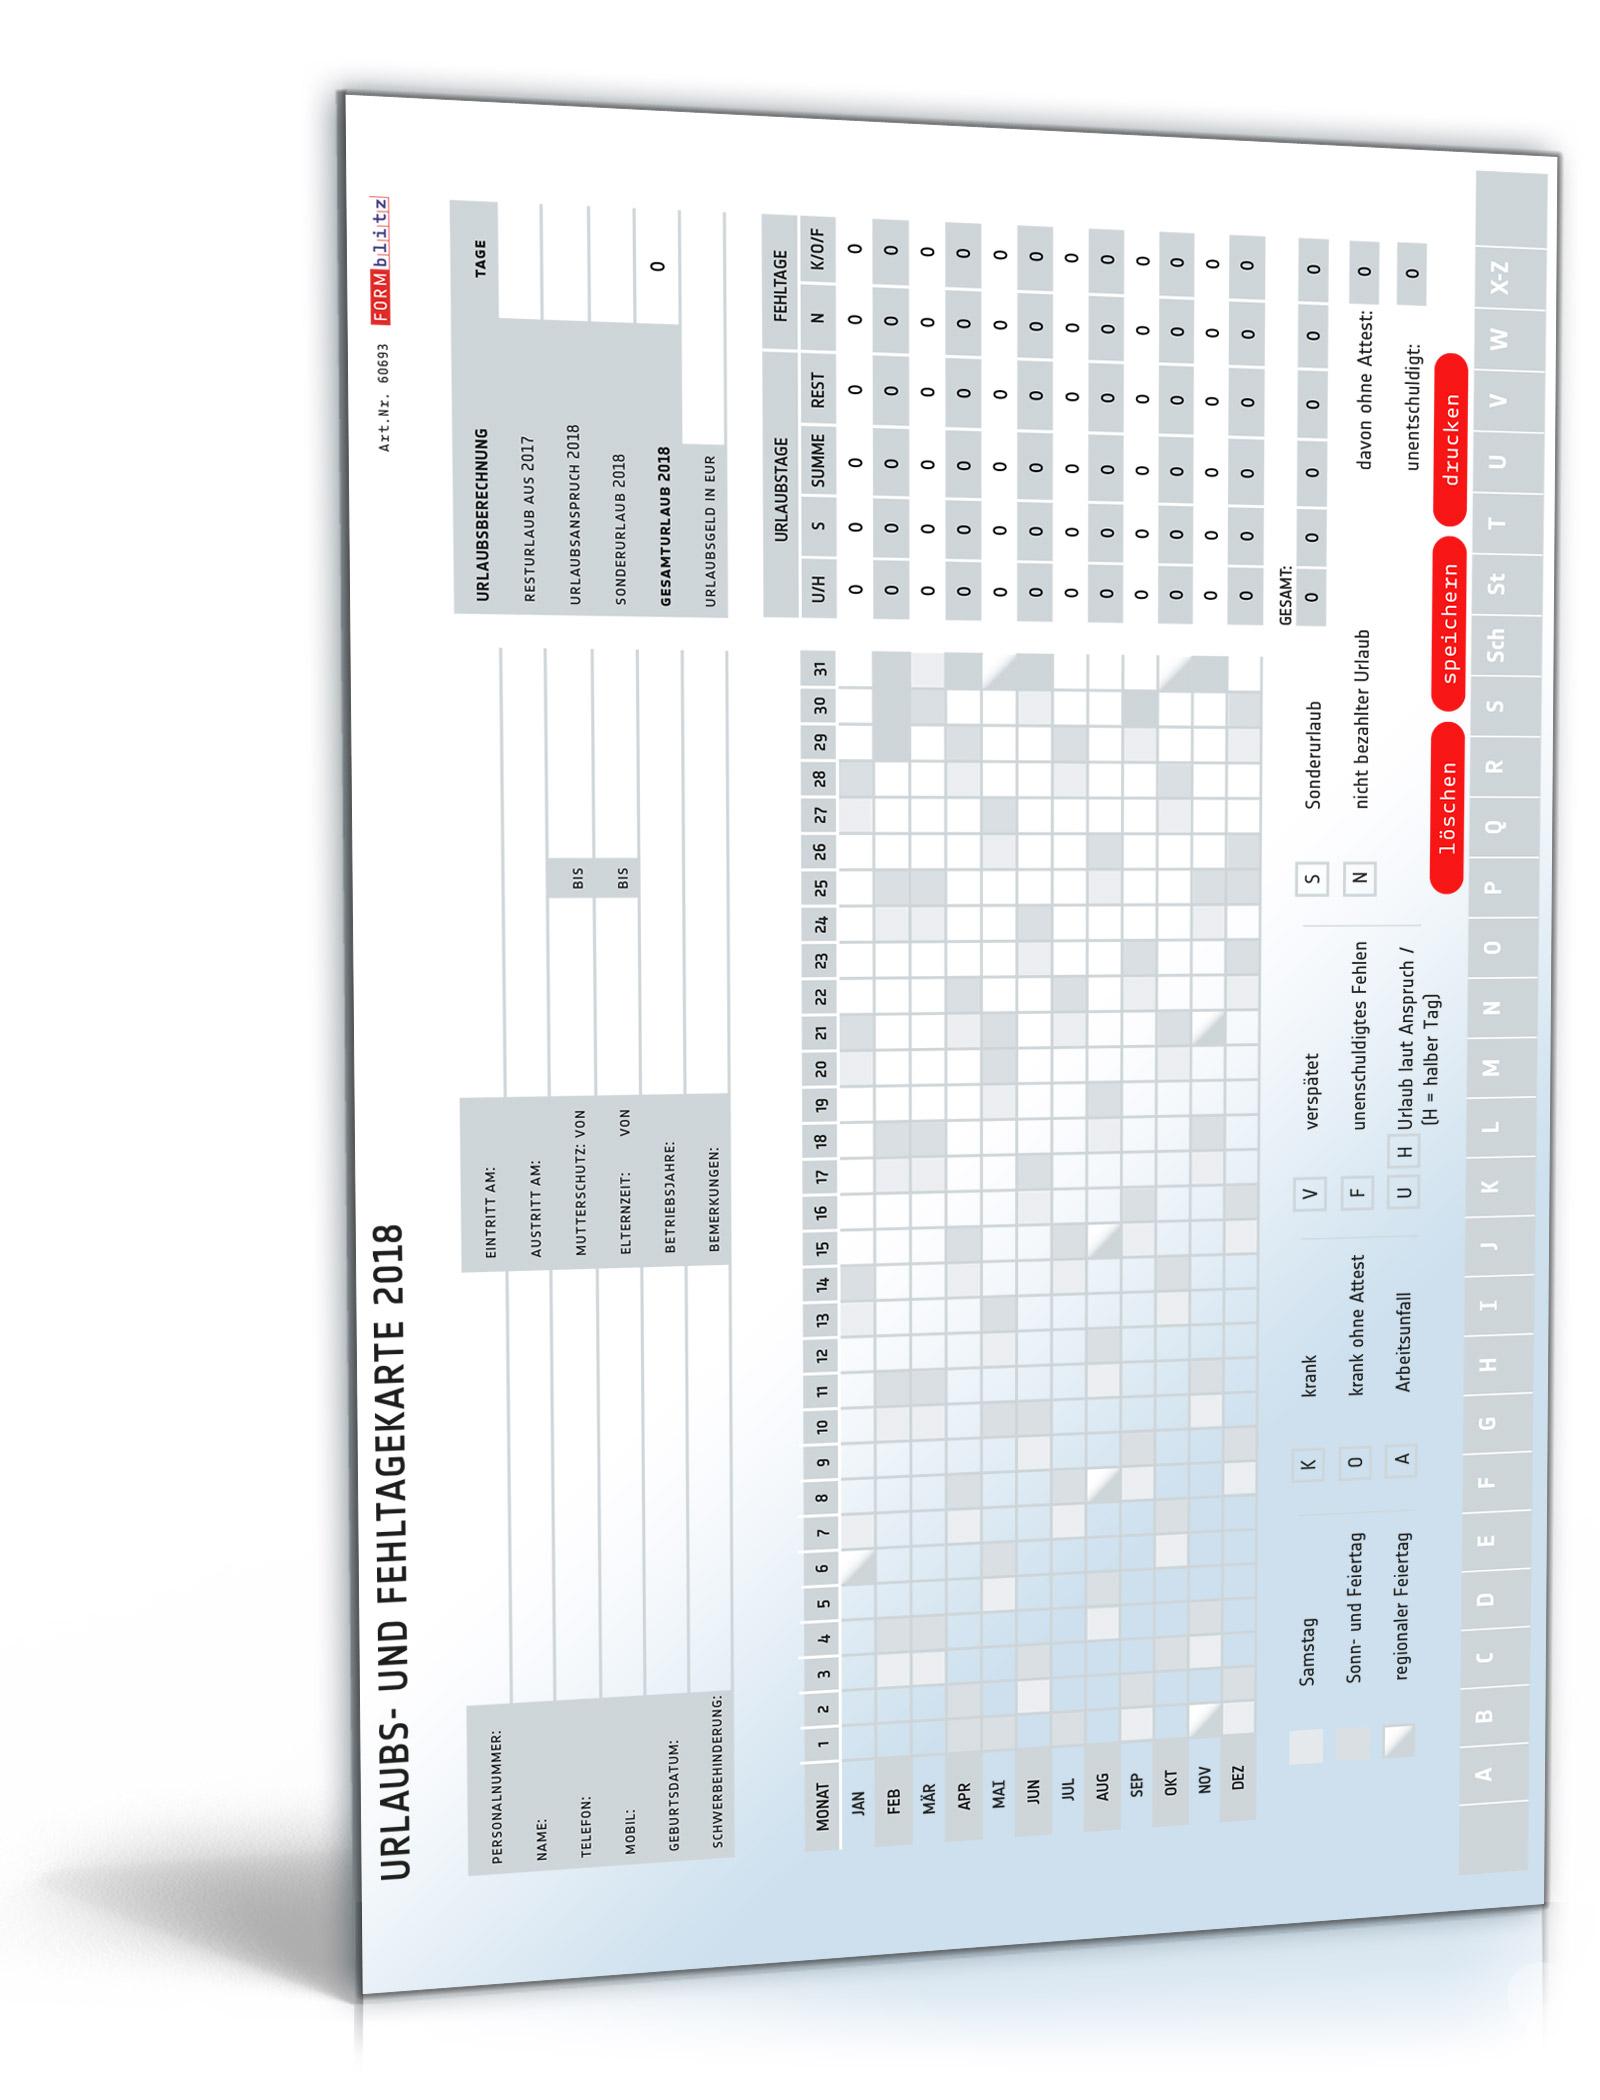 Urlaubs- und Fehltagekarte 2018 - Excel [Download]